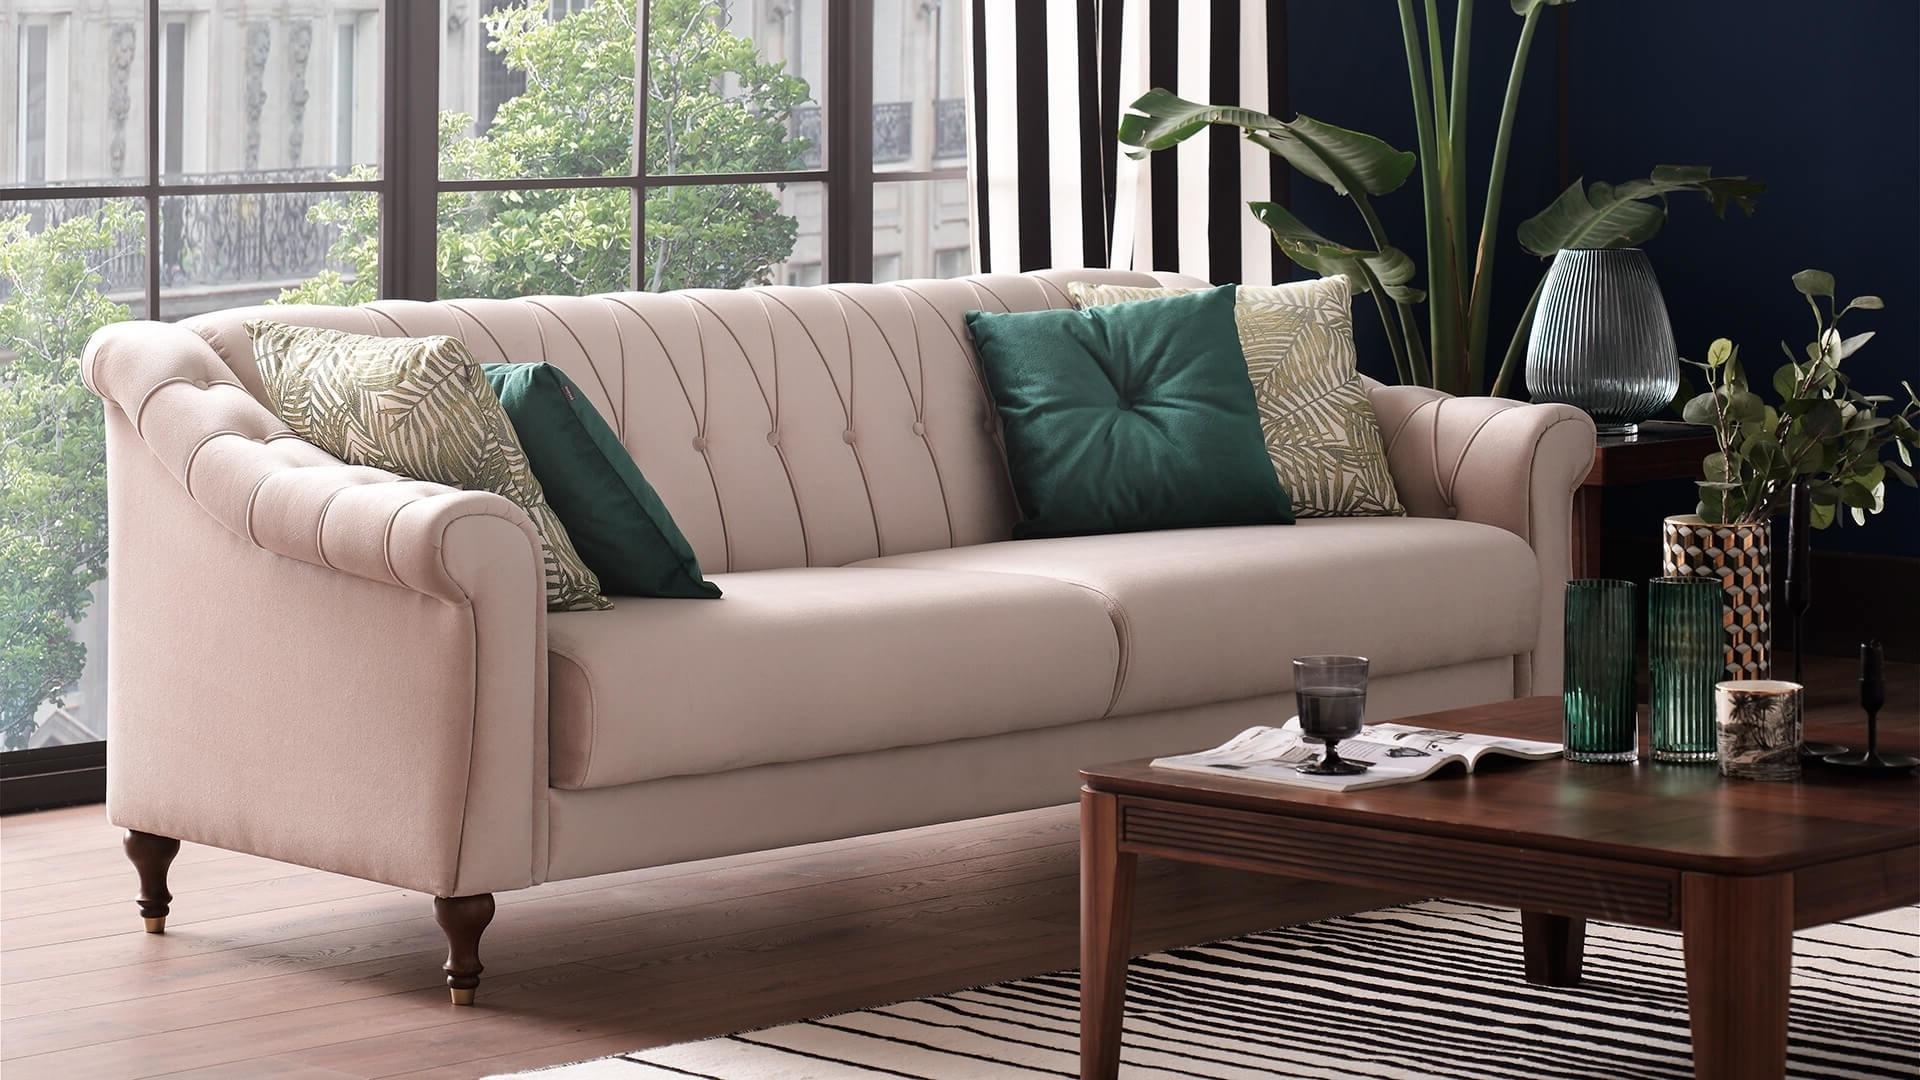 Canapea extensibila cu lada de depozitare, tapitata cu stofa, 3 locuri Laura Crem, l234xA95xH80 cm